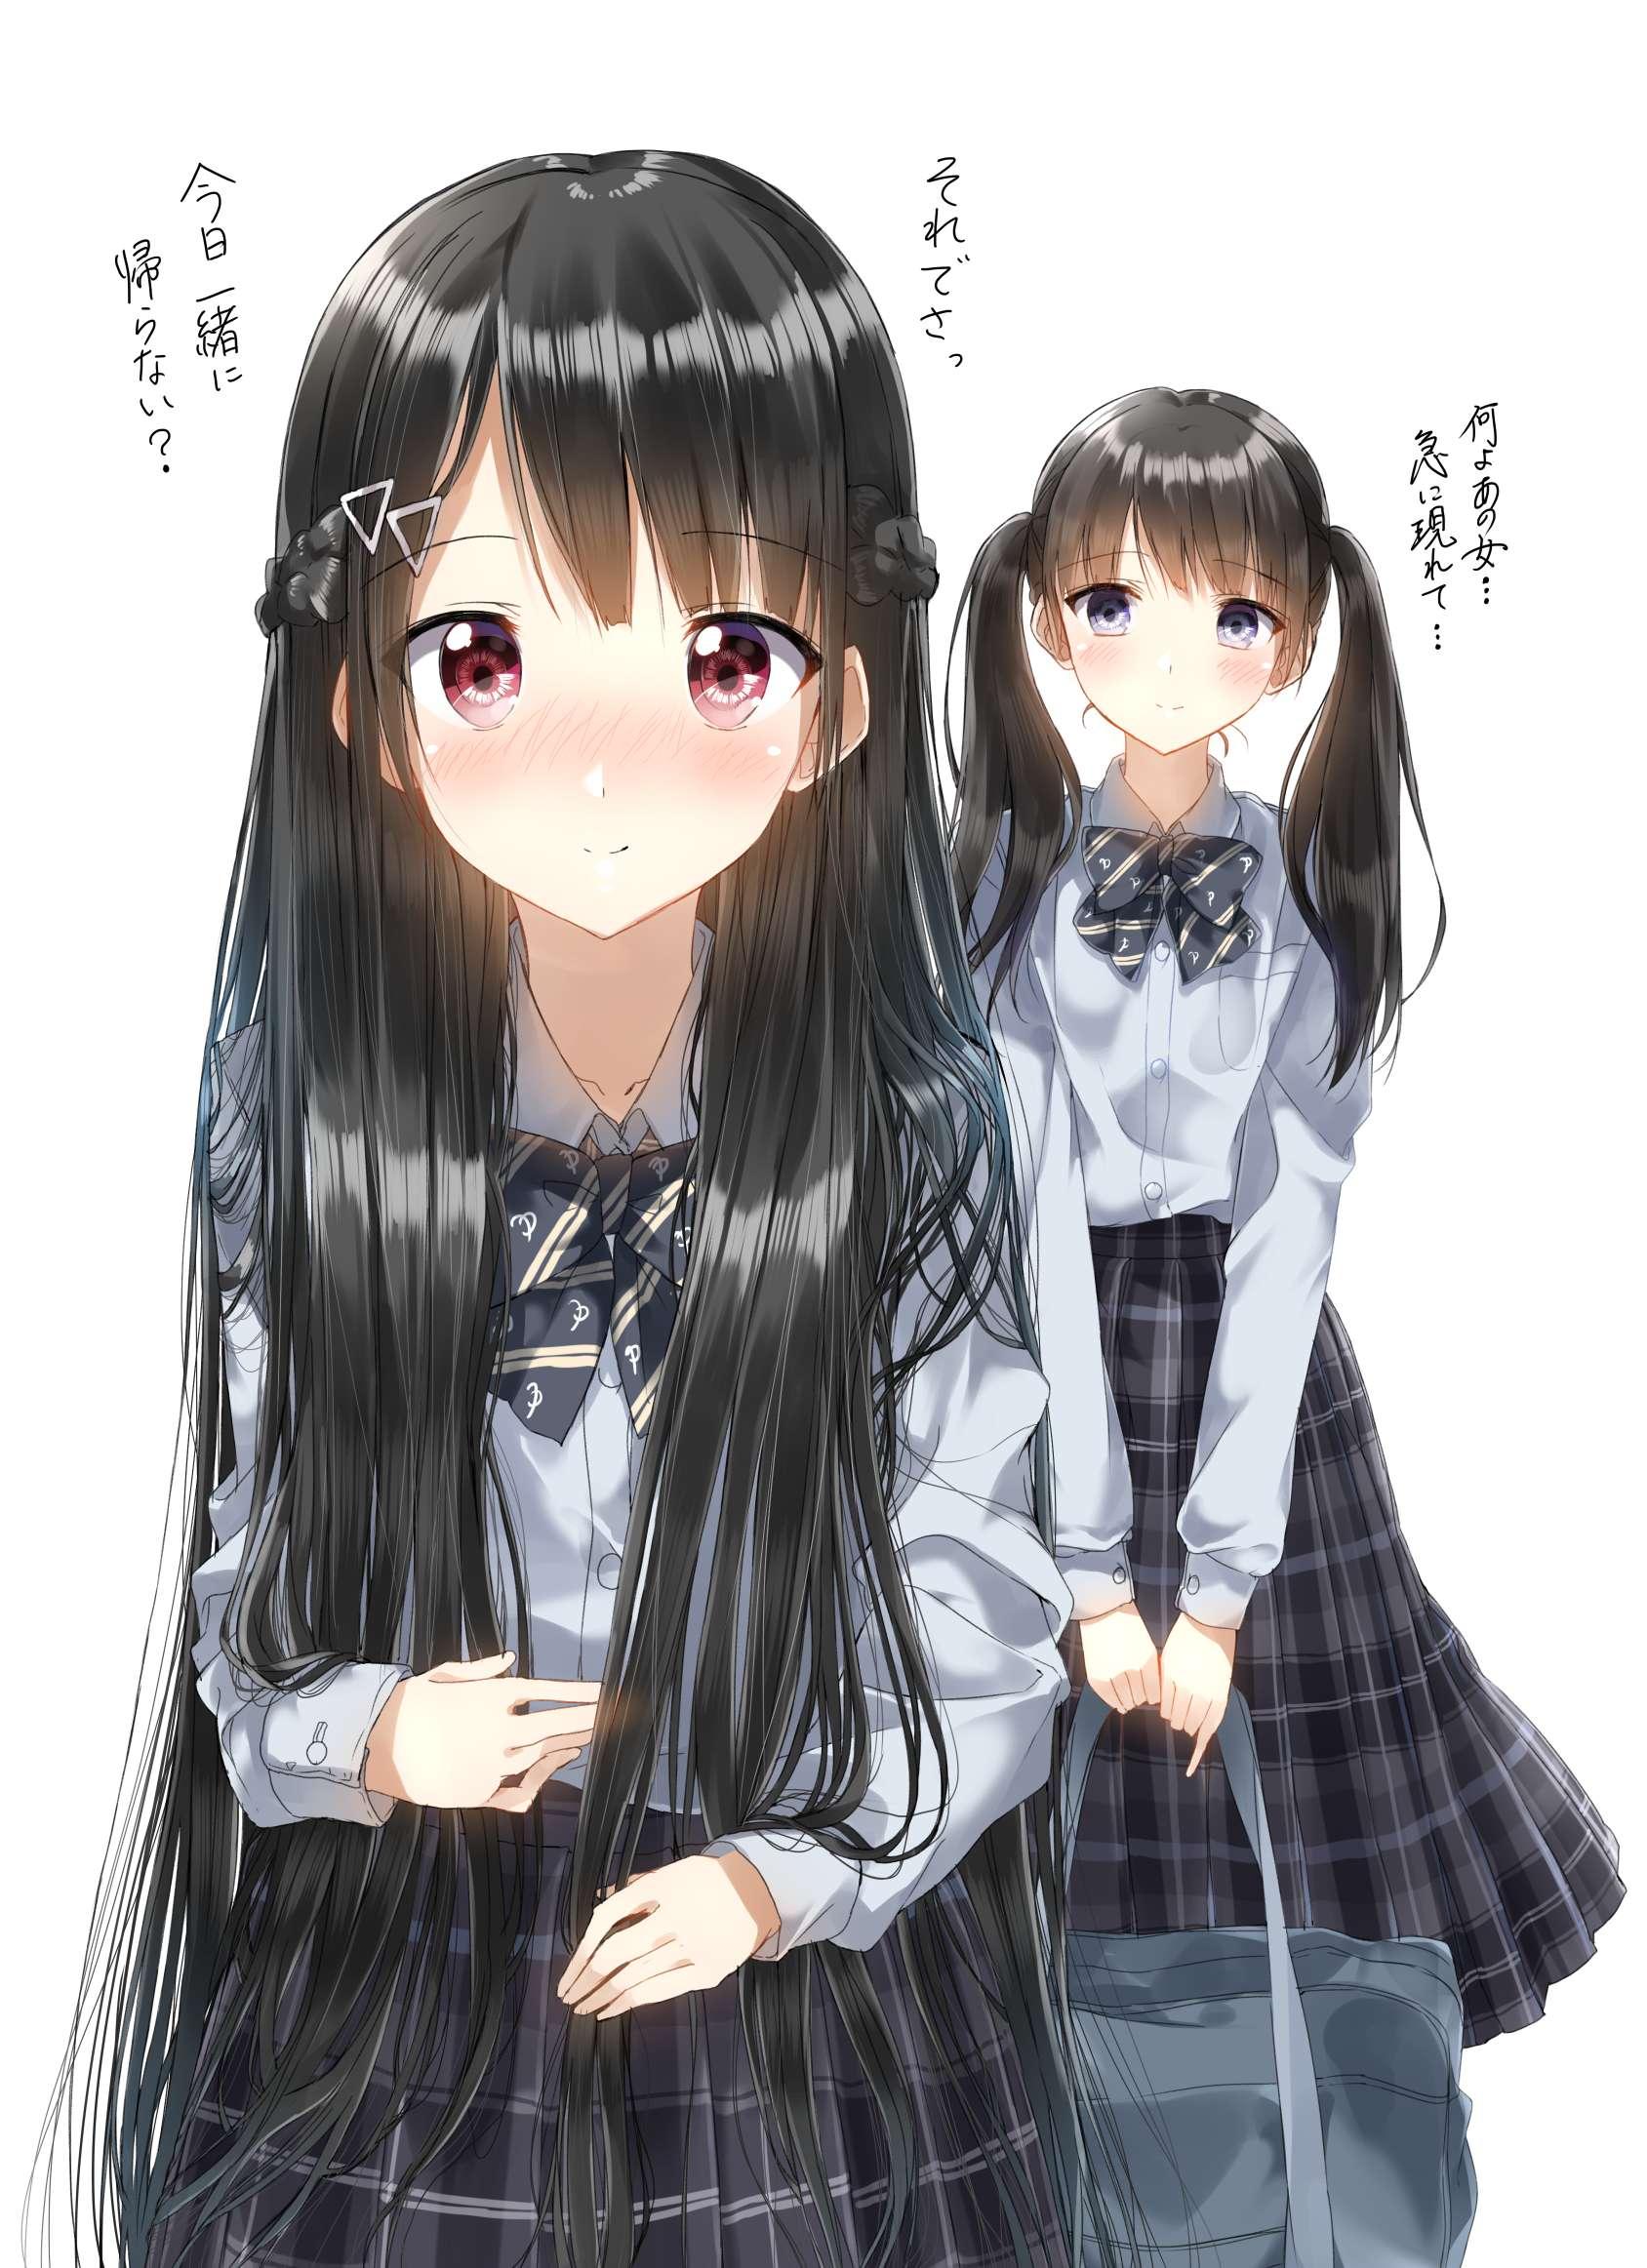 【高清图片】质量不错的福利图!,alexagrace小女十六岁